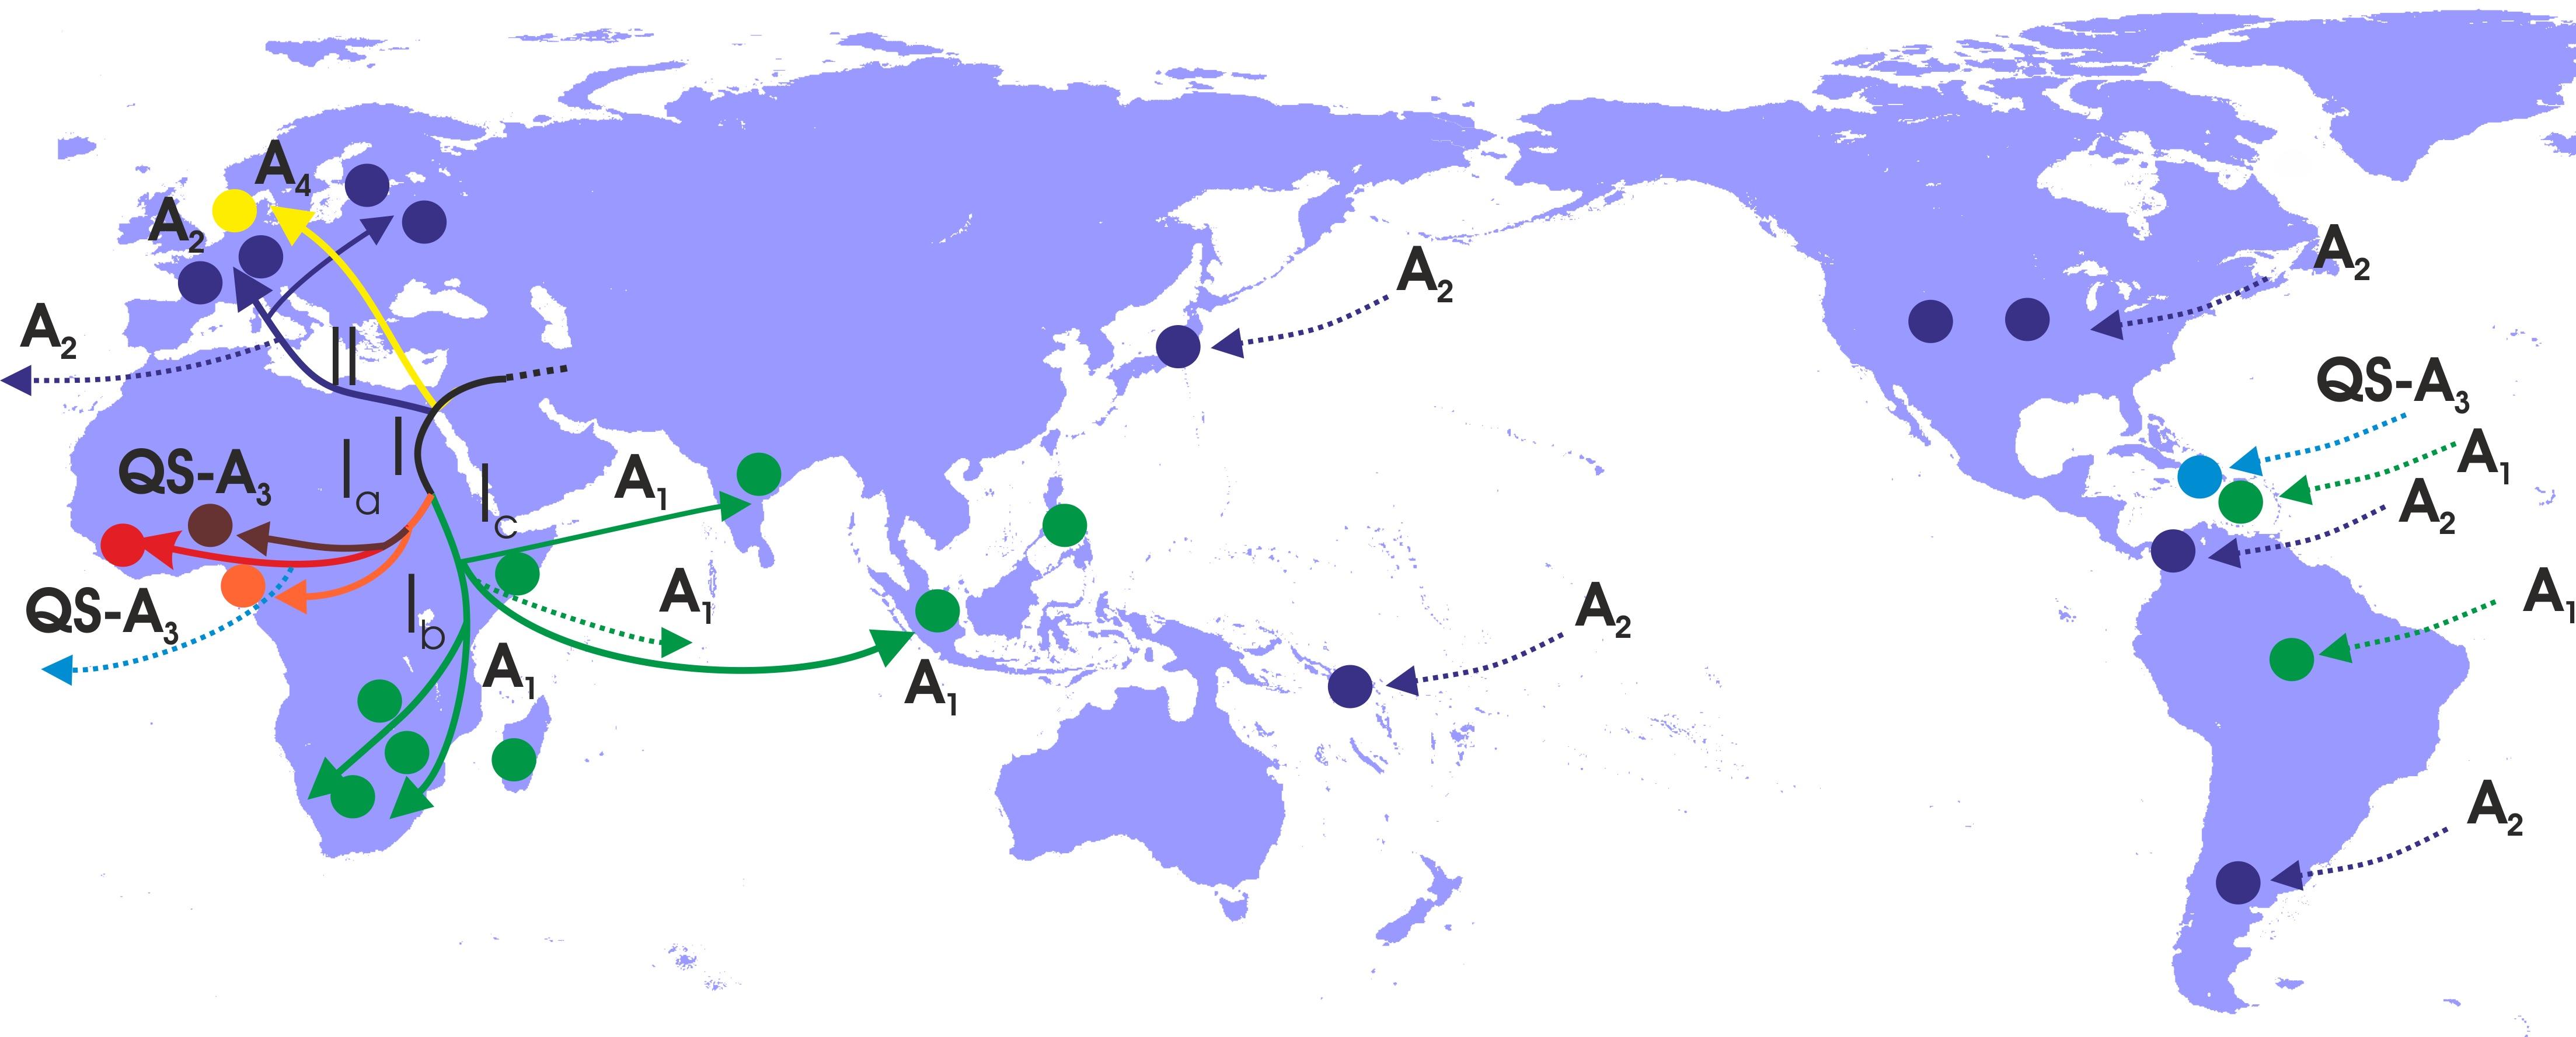 Χαρτογράφηση γεωγραφικής διασποράς γονότυπου HBV-A. Οι διαφορετικοί τύποι (υπογονότυποι) του HBV-Α και μονοπάτια διασποράς αναπαρίστανται με διαφορετικά χρώματα.  Οι χρωματισμένοι κύκλοι αντιστοιχούν στις γεωγραφικές περιοχές που οι αντίστοιχοι υπογόνοτυποι παρουσιάζουν υψηλά ποσοστά. Με διακεκομμένες γραμμές αναπαρίστανται η πρόσφατη διασπορά του HBV-A λόγω ανθρώπινων μετακινήσεων και του δουλεμπορίου